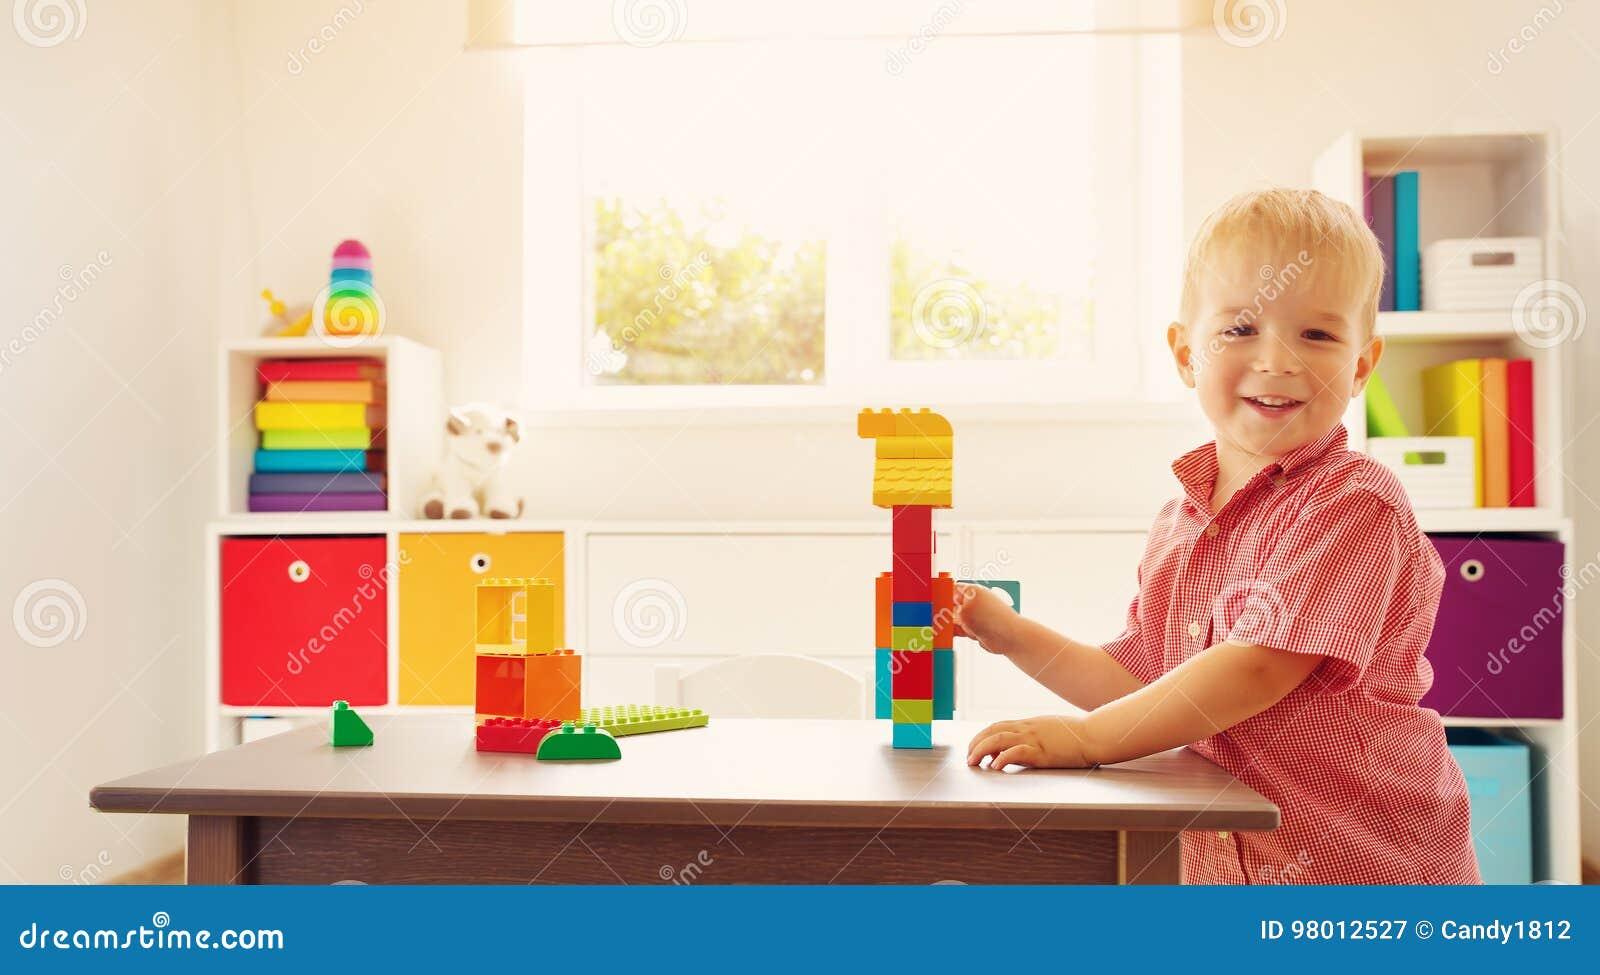 Litet barn som spelar med kvarter